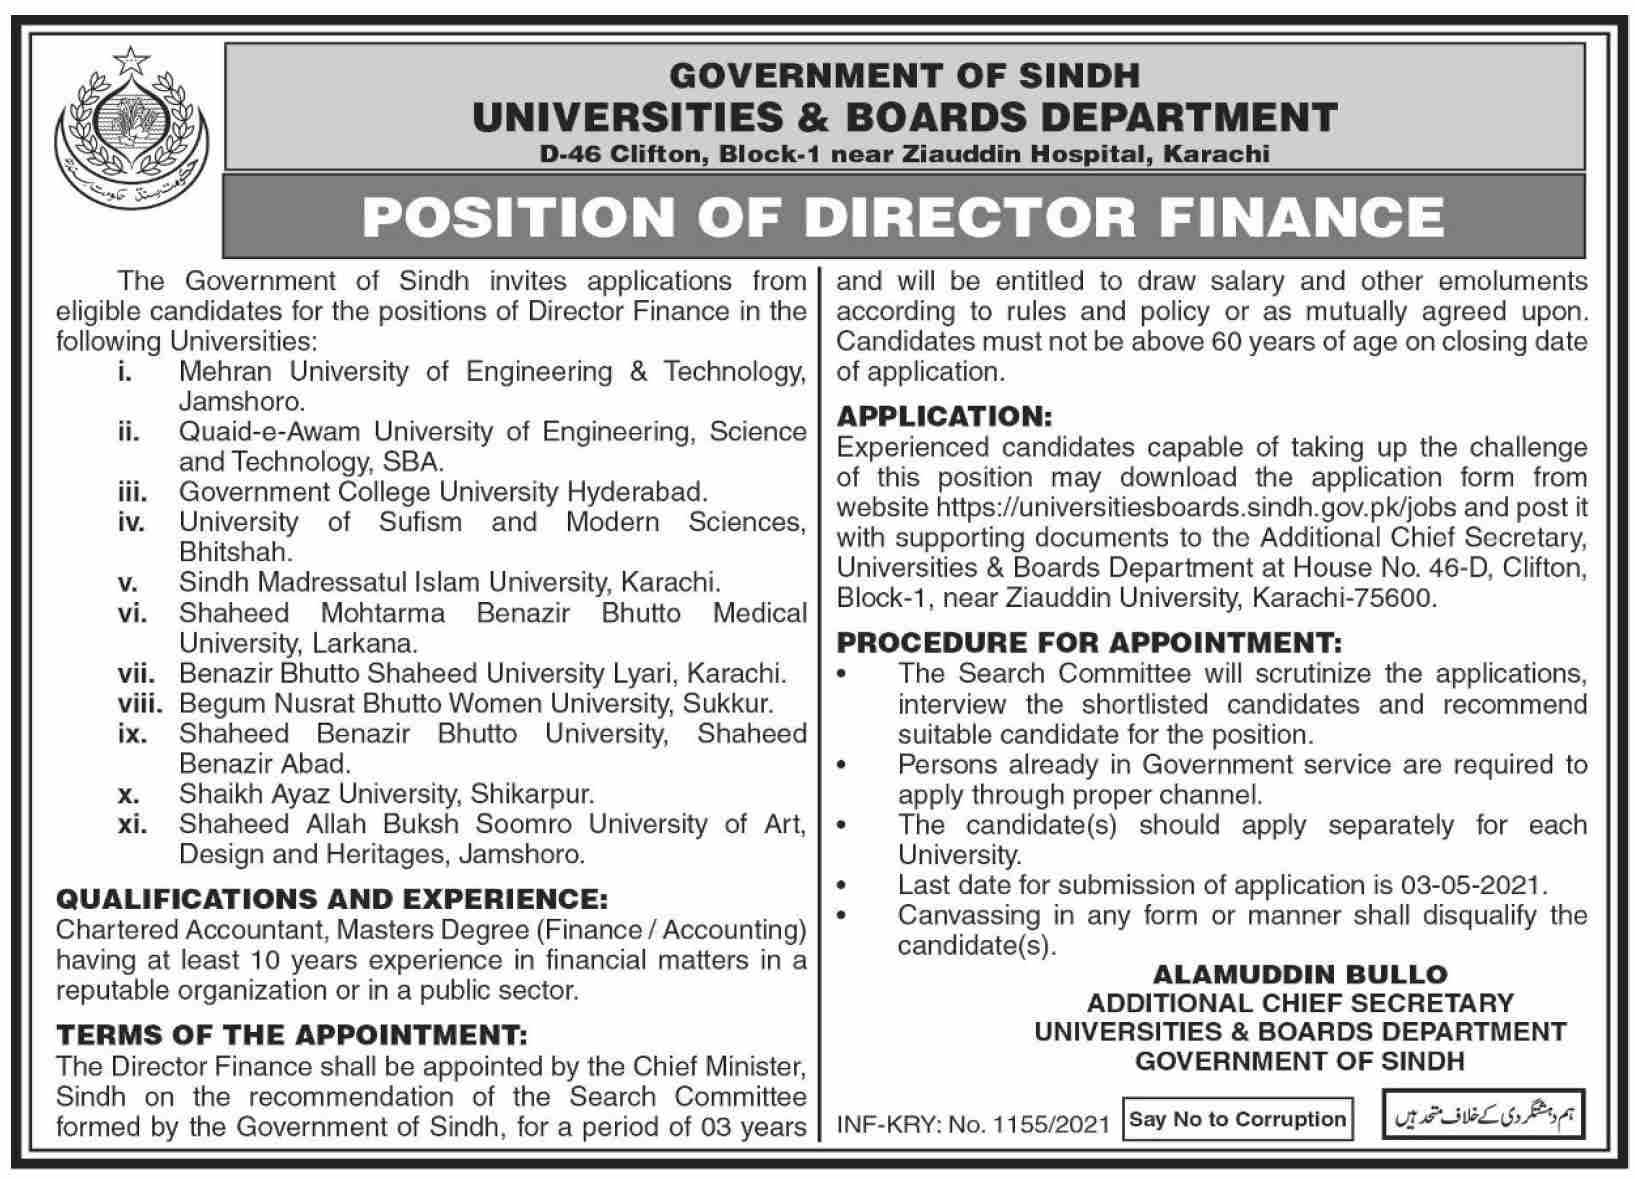 Director Finance Jobs 2021 in Sindh Universities & Boards Department